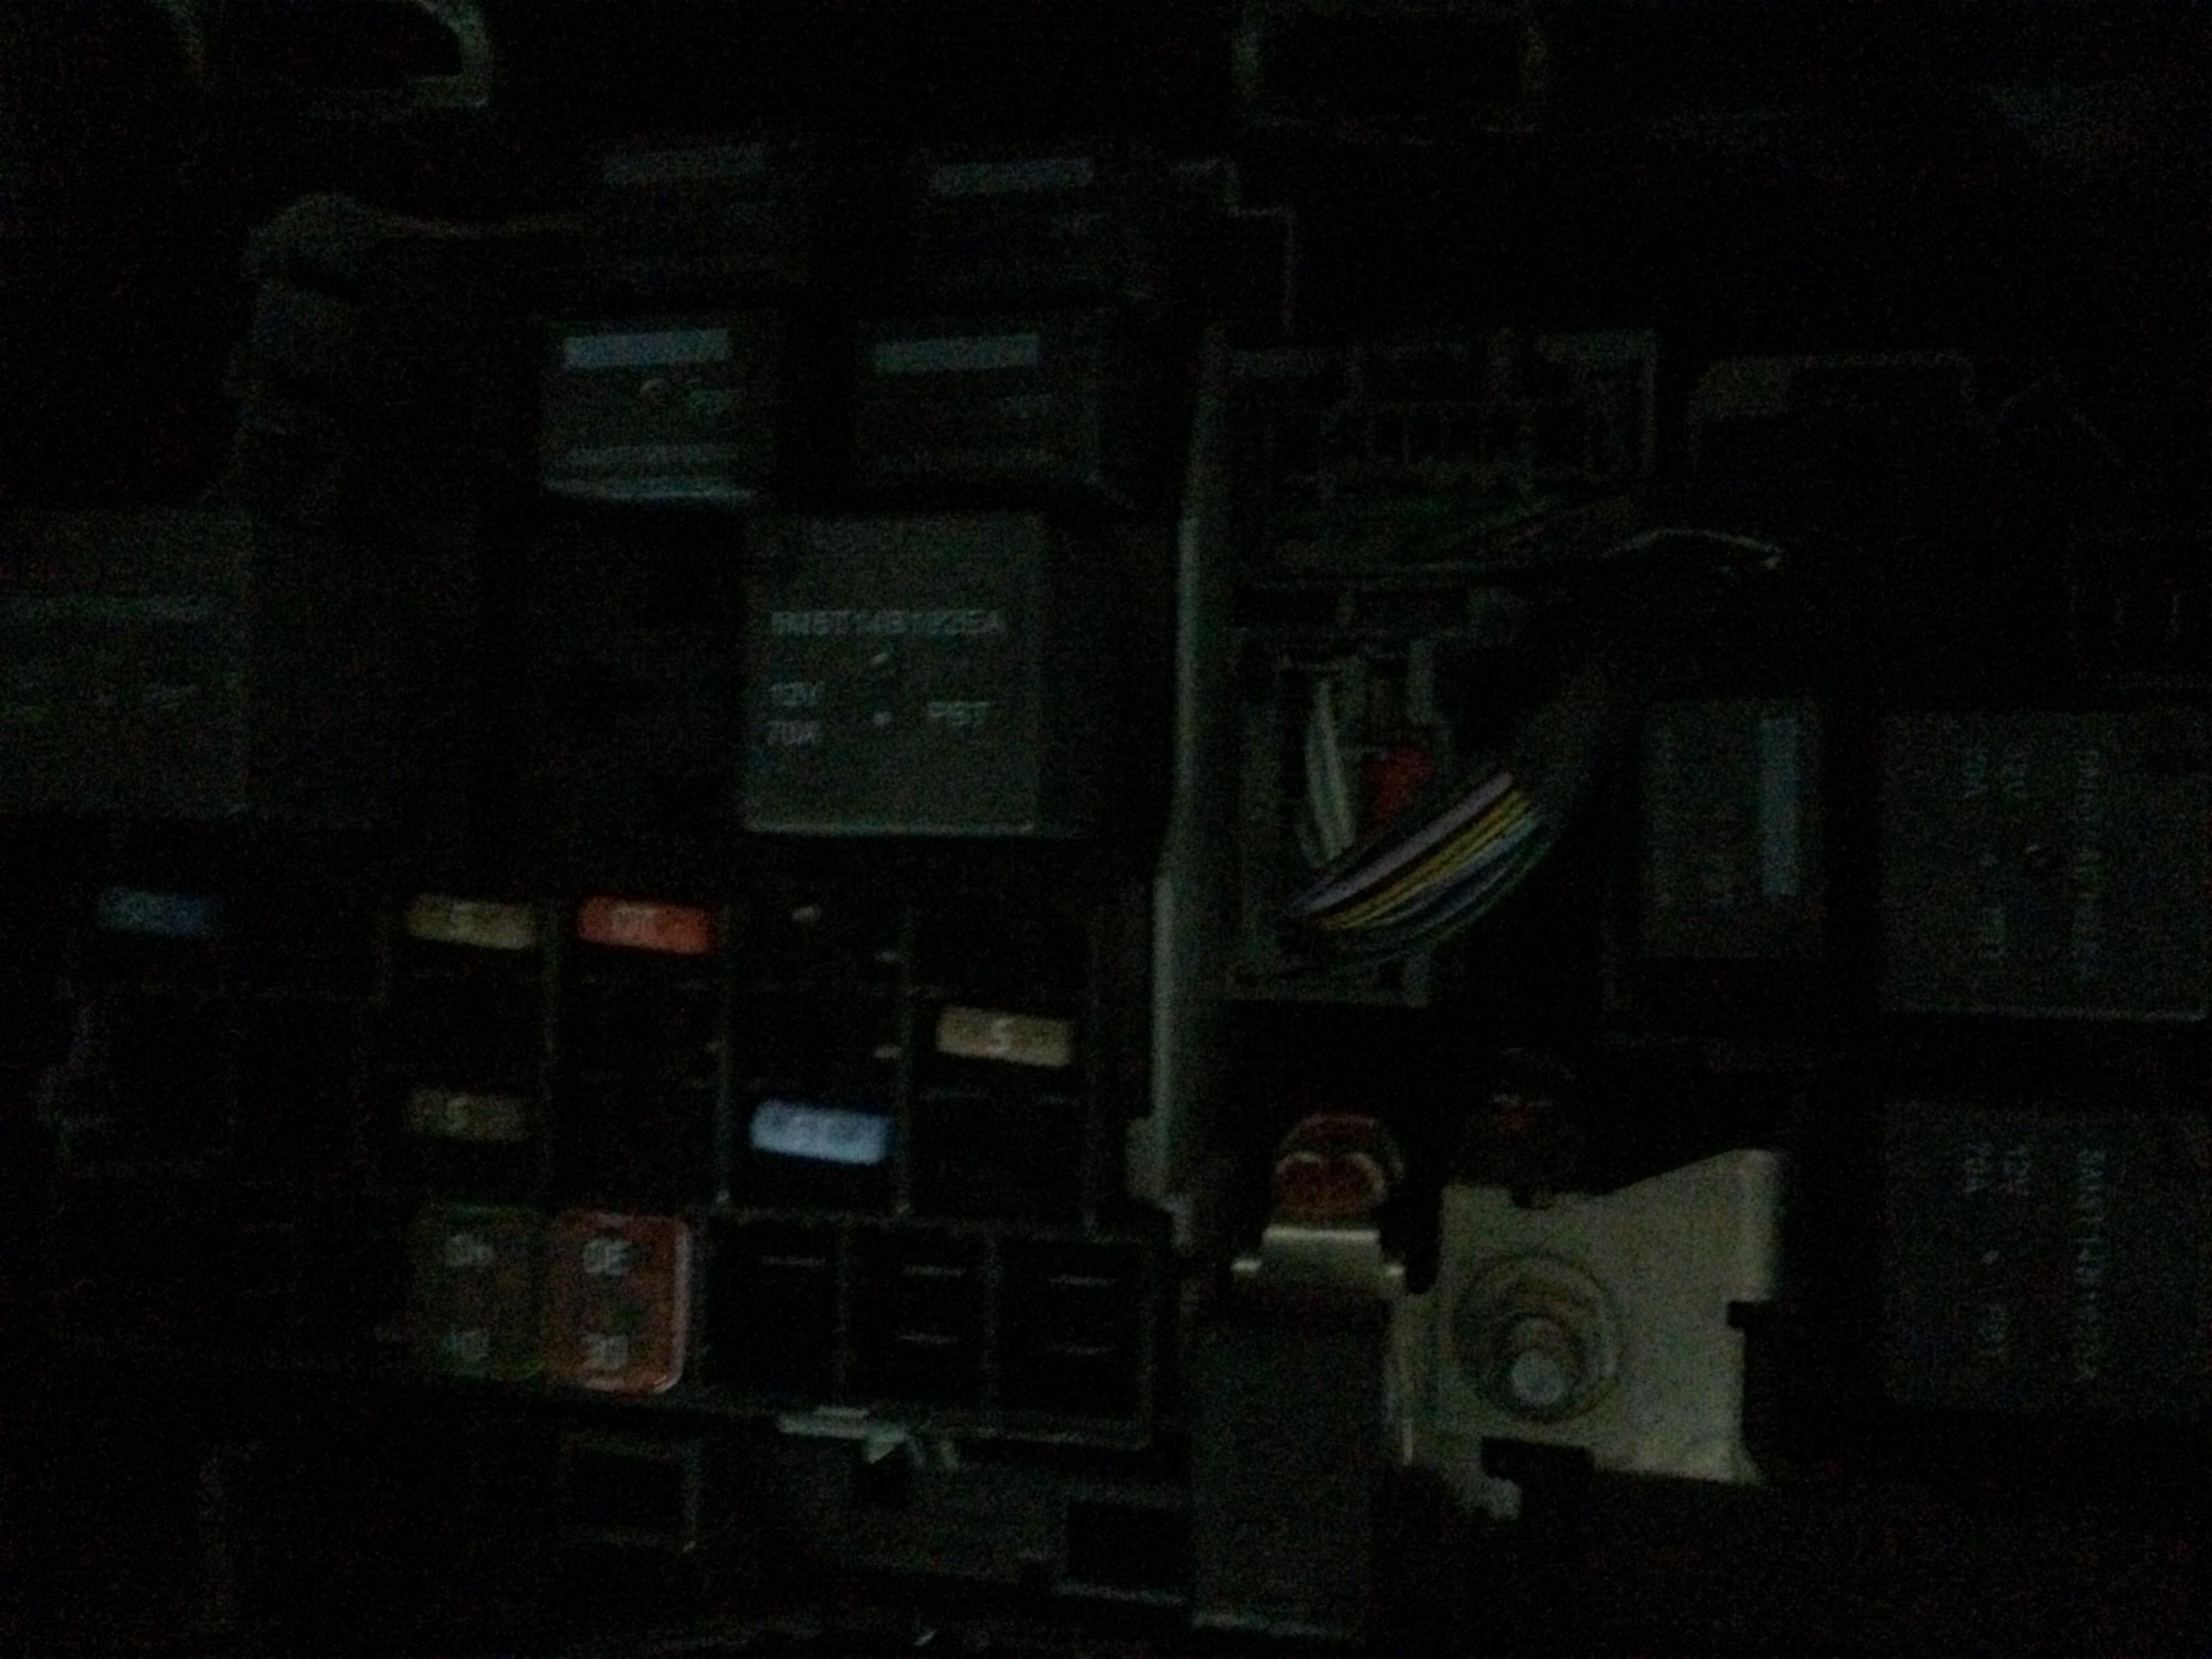 致胜08款.发动机舱里面的保险丝盒里面的继电器都是什么.哪几种.